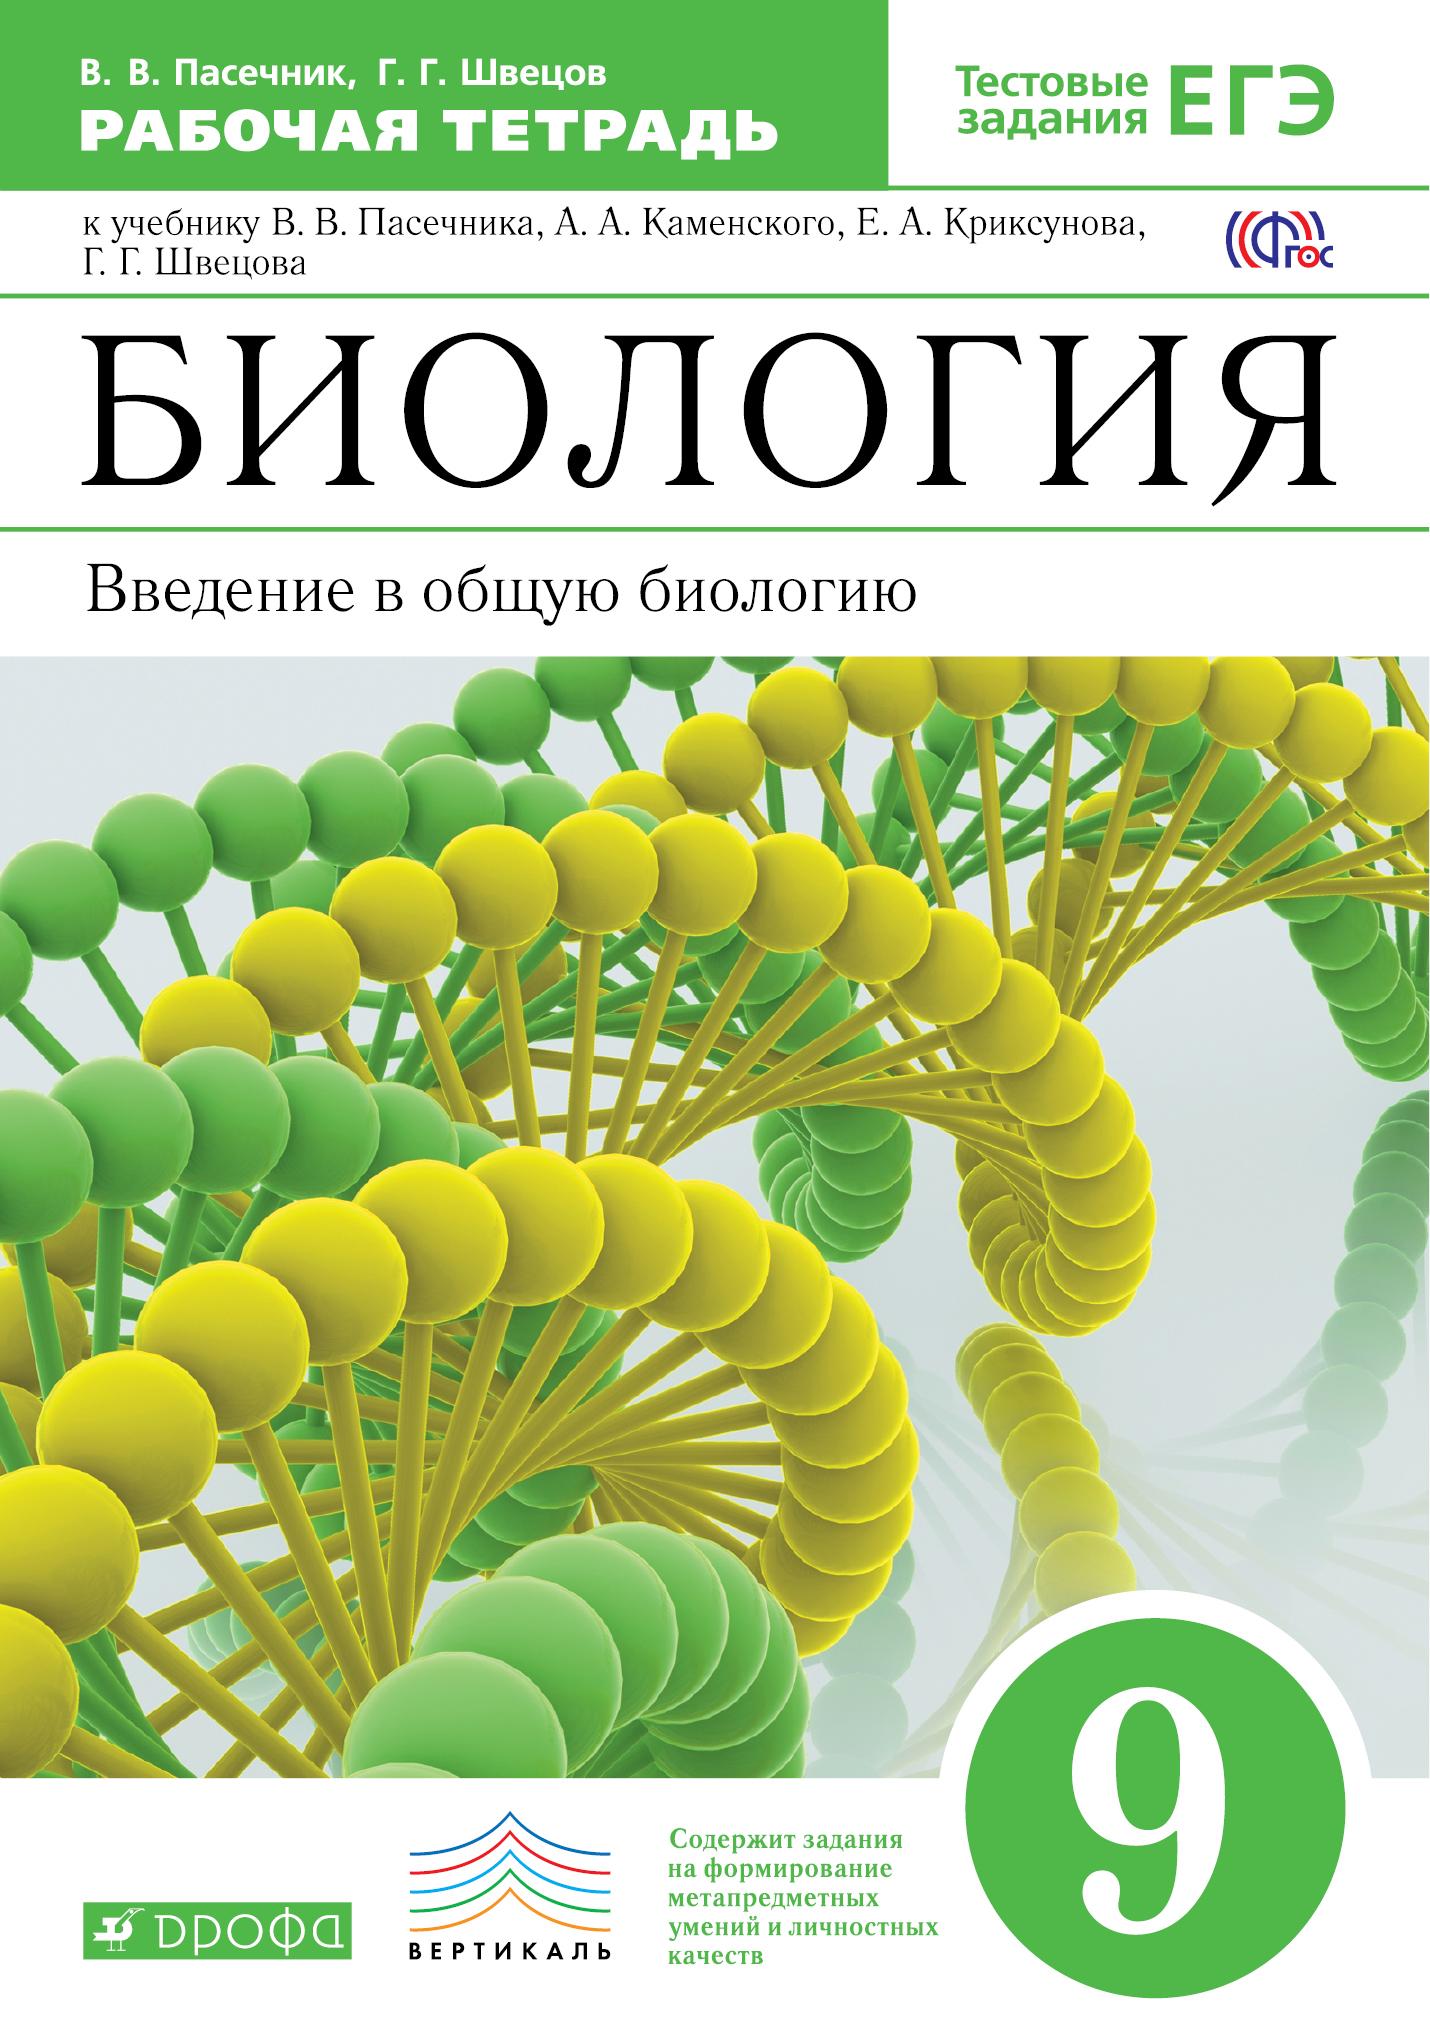 Биология, 9 класс Введение В Общую Биологию, Рабочая тетрадь